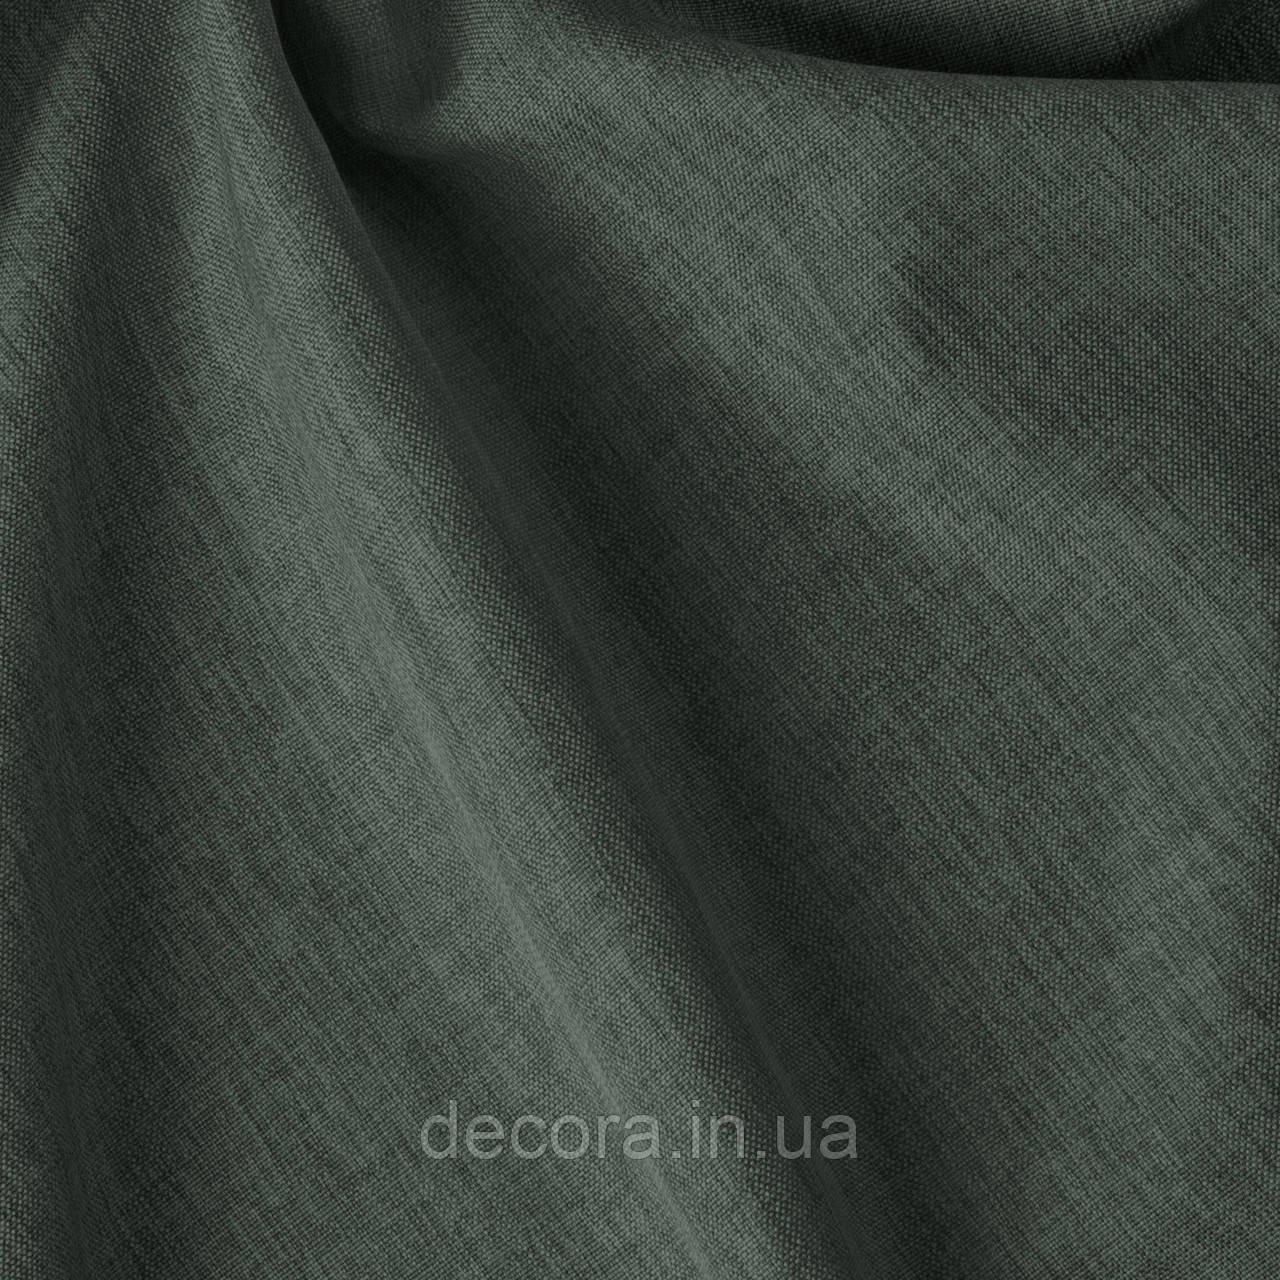 Римська штора із однотонної тканини рогожка сіра 122000v33